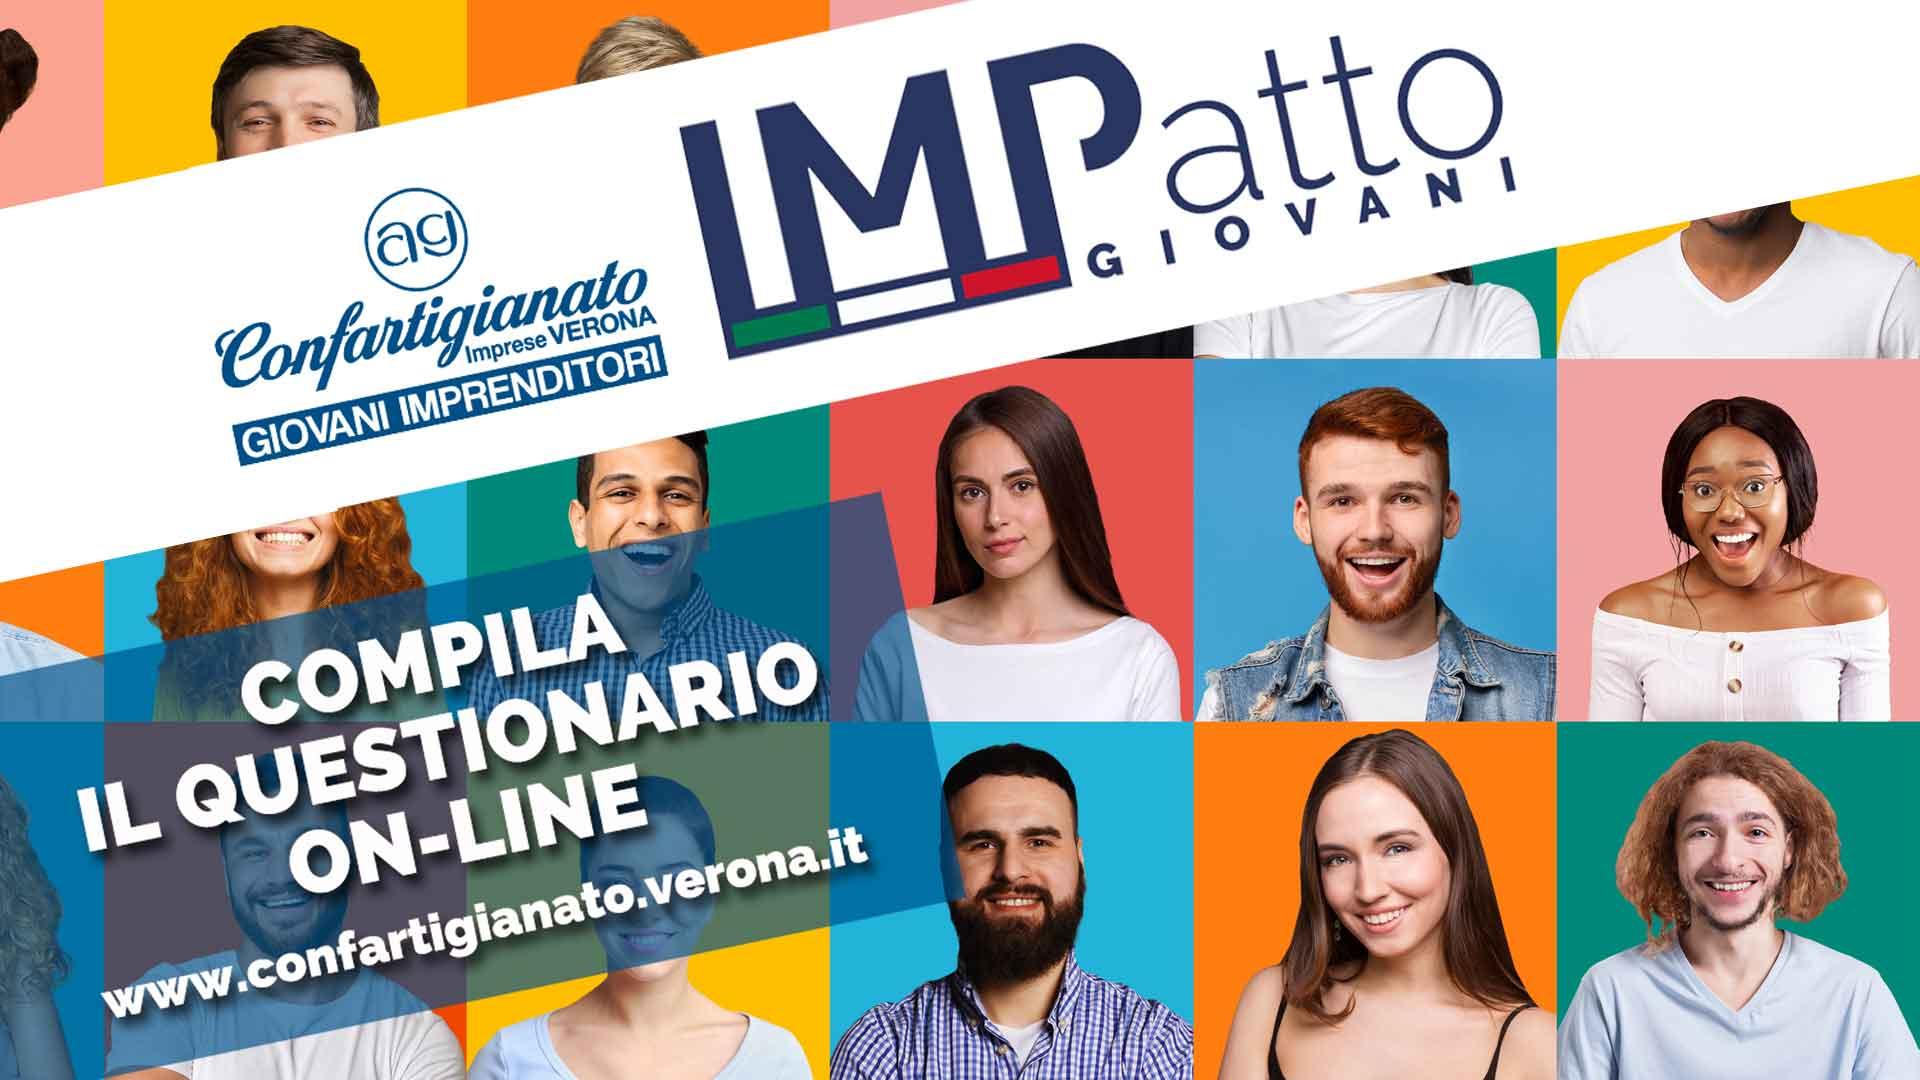 GIOVANI – Nasce IMPatto Giovani, progetto di confronto tra giovani imprenditori. Partecipa al Focus compilando il questionario on-line